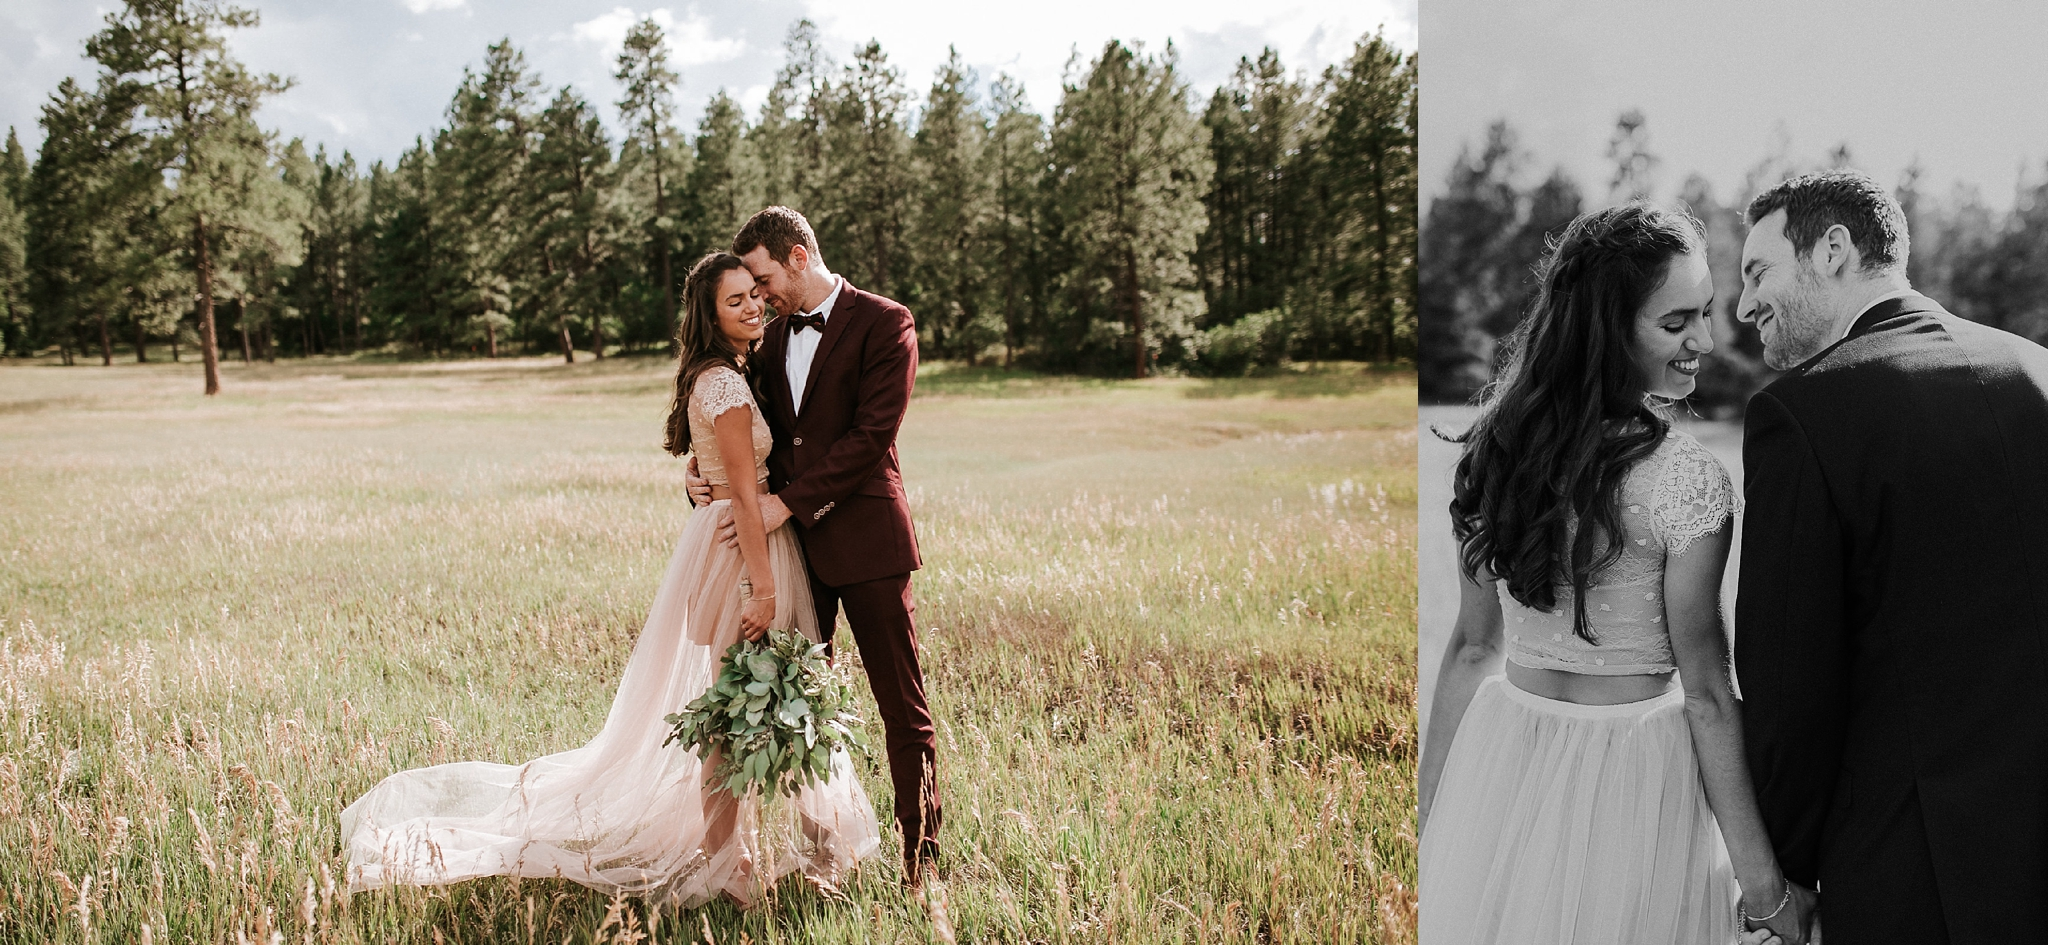 Alicia+lucia+photography+-+albuquerque+wedding+photographer+-+santa+fe+wedding+photography+-+new+mexico+wedding+photographer+-+new+mexico+wedding+-+albuquerque+wedding+-+santa+fe+wedding+-+wedding+romantics_0043.jpg